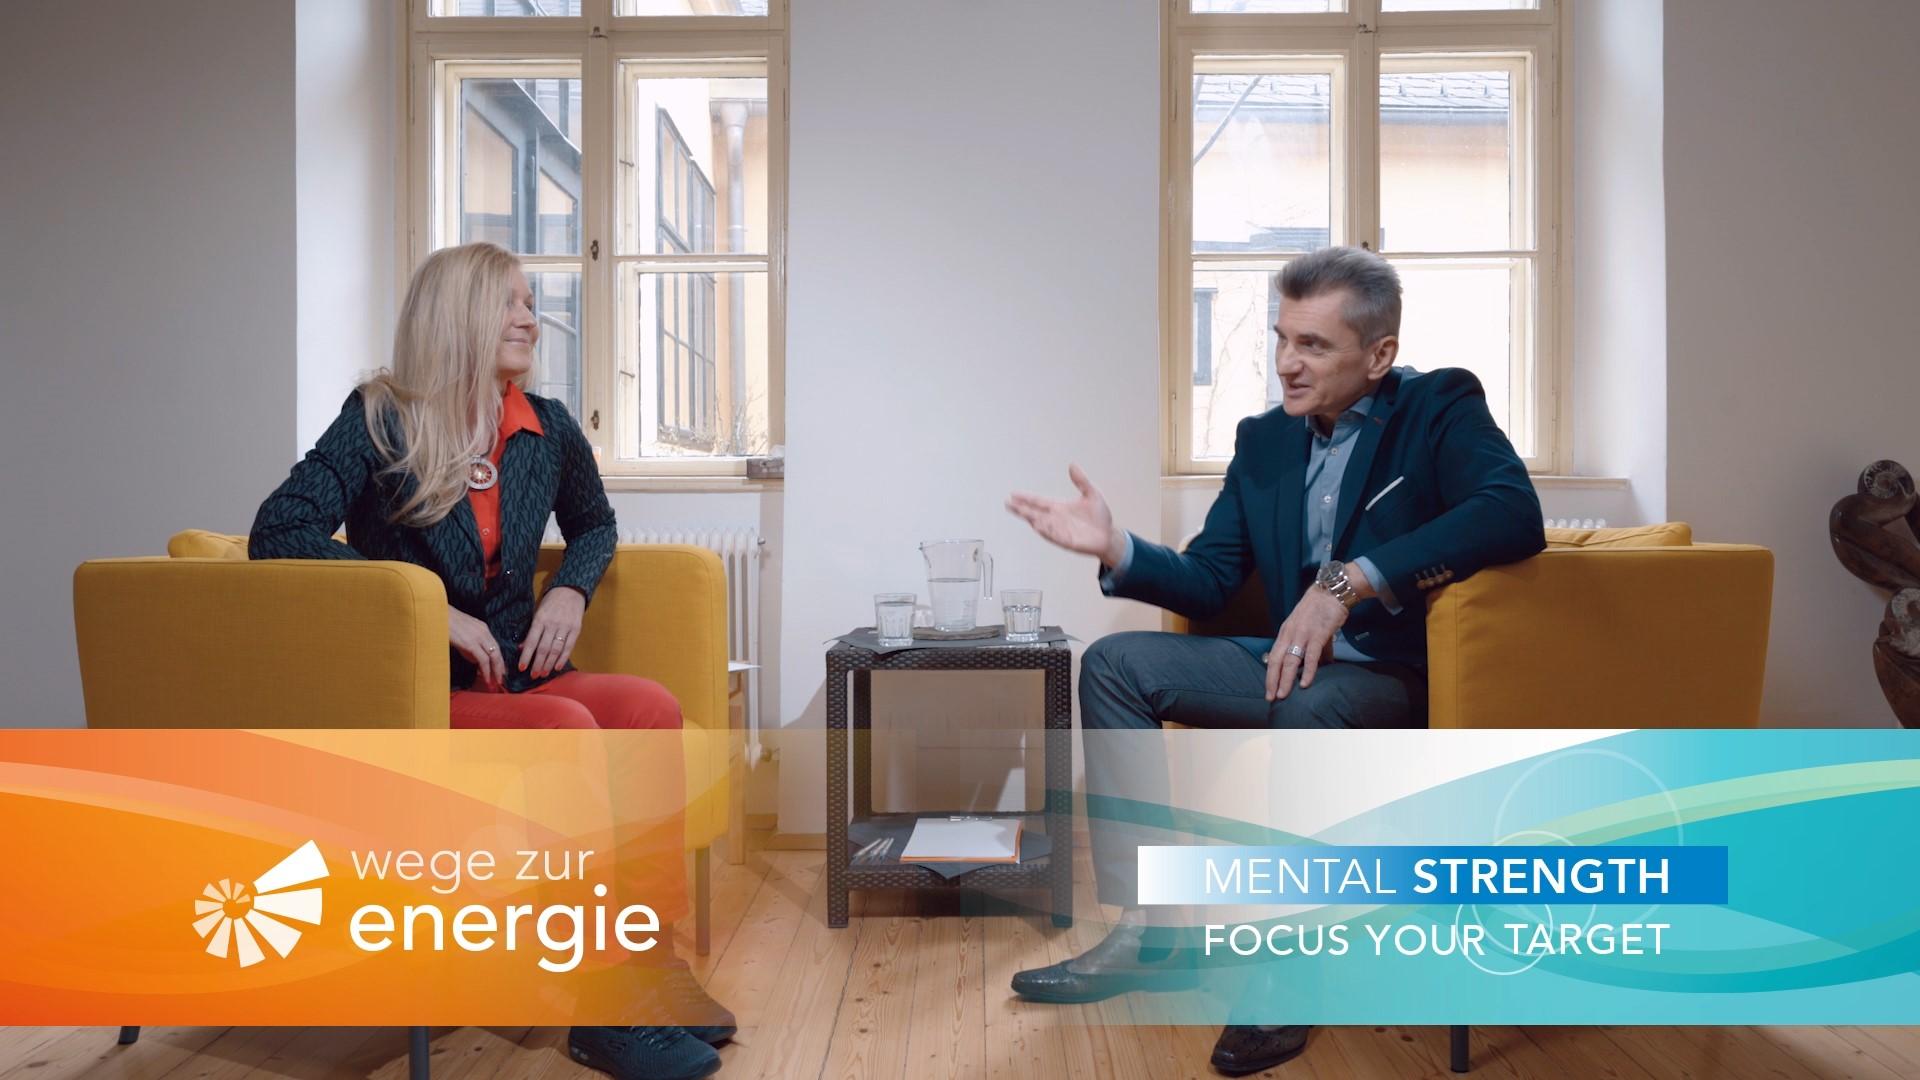 Zentrum für Persönlichkeitsentwicklung - wege zur energie - Mental Strength